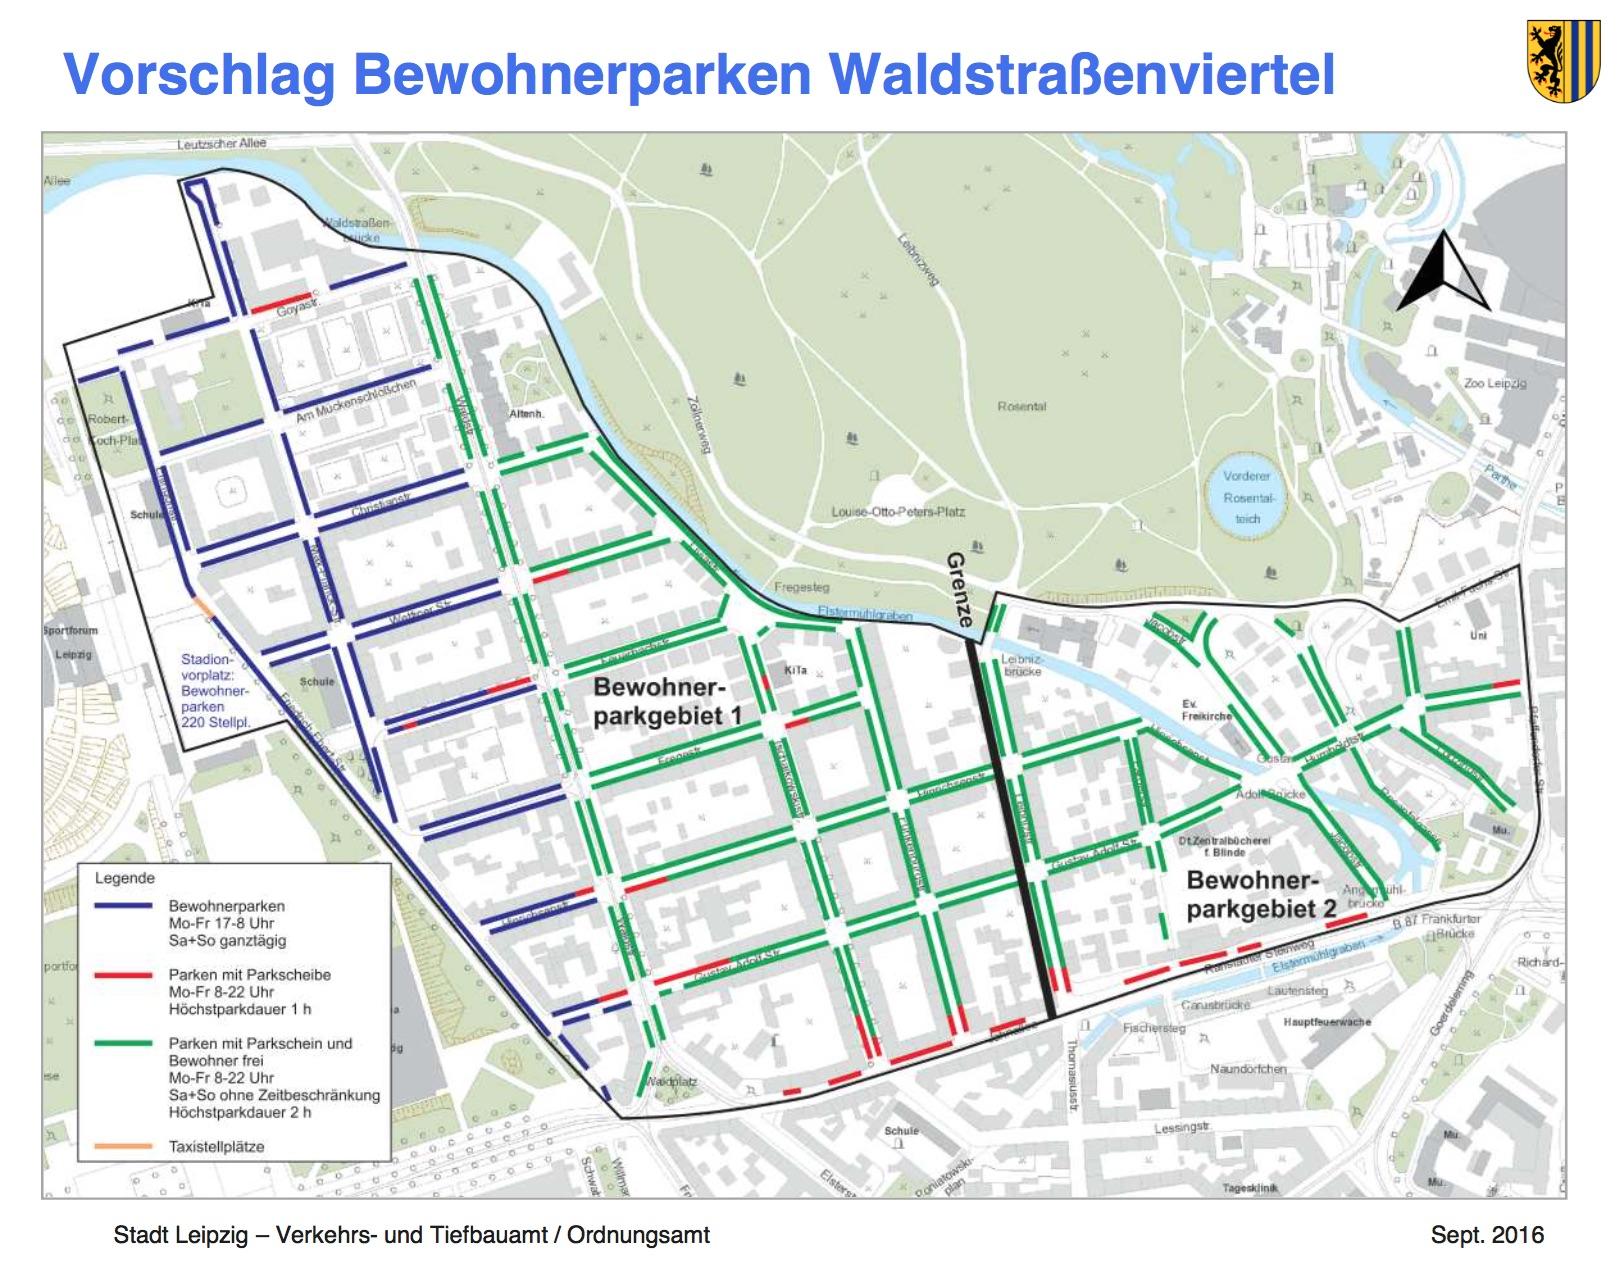 Vorschalg Bewohnerparken Waldstraßenviertel; Stadt Leipzig, Verkehrs- und Tiefbauamt 2016